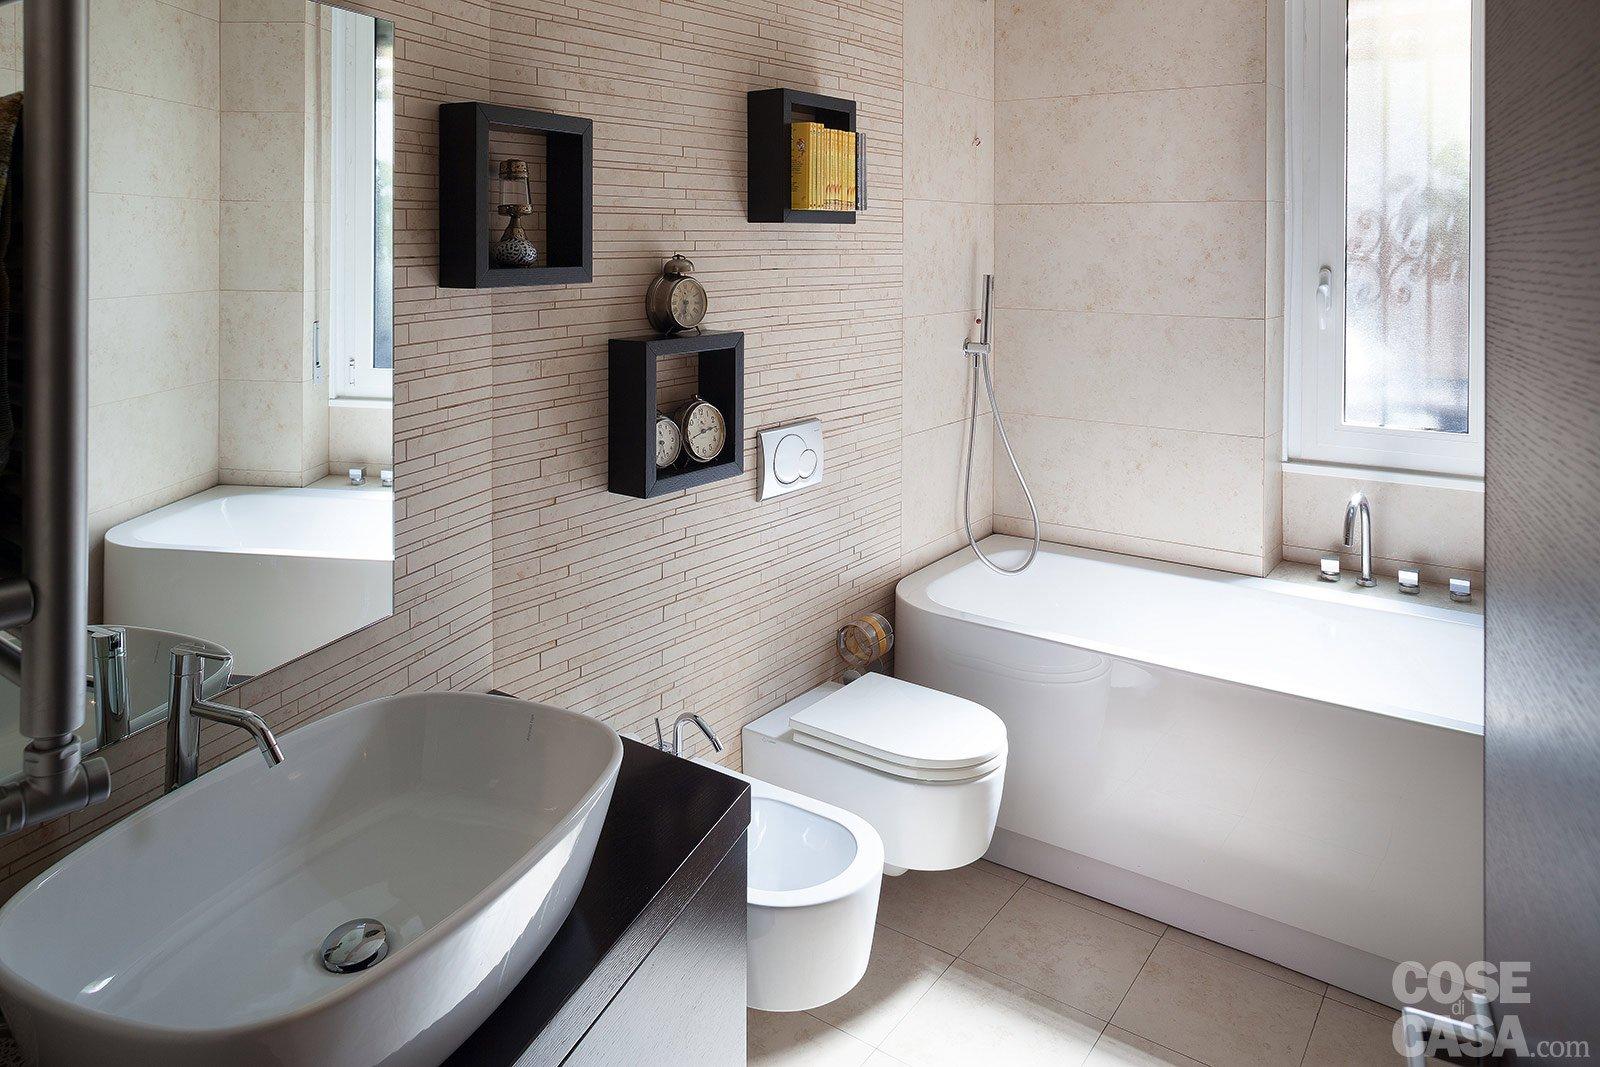 Via il corridoio spazi pi ampi cose di casa for Piastrelle bagno piccolo